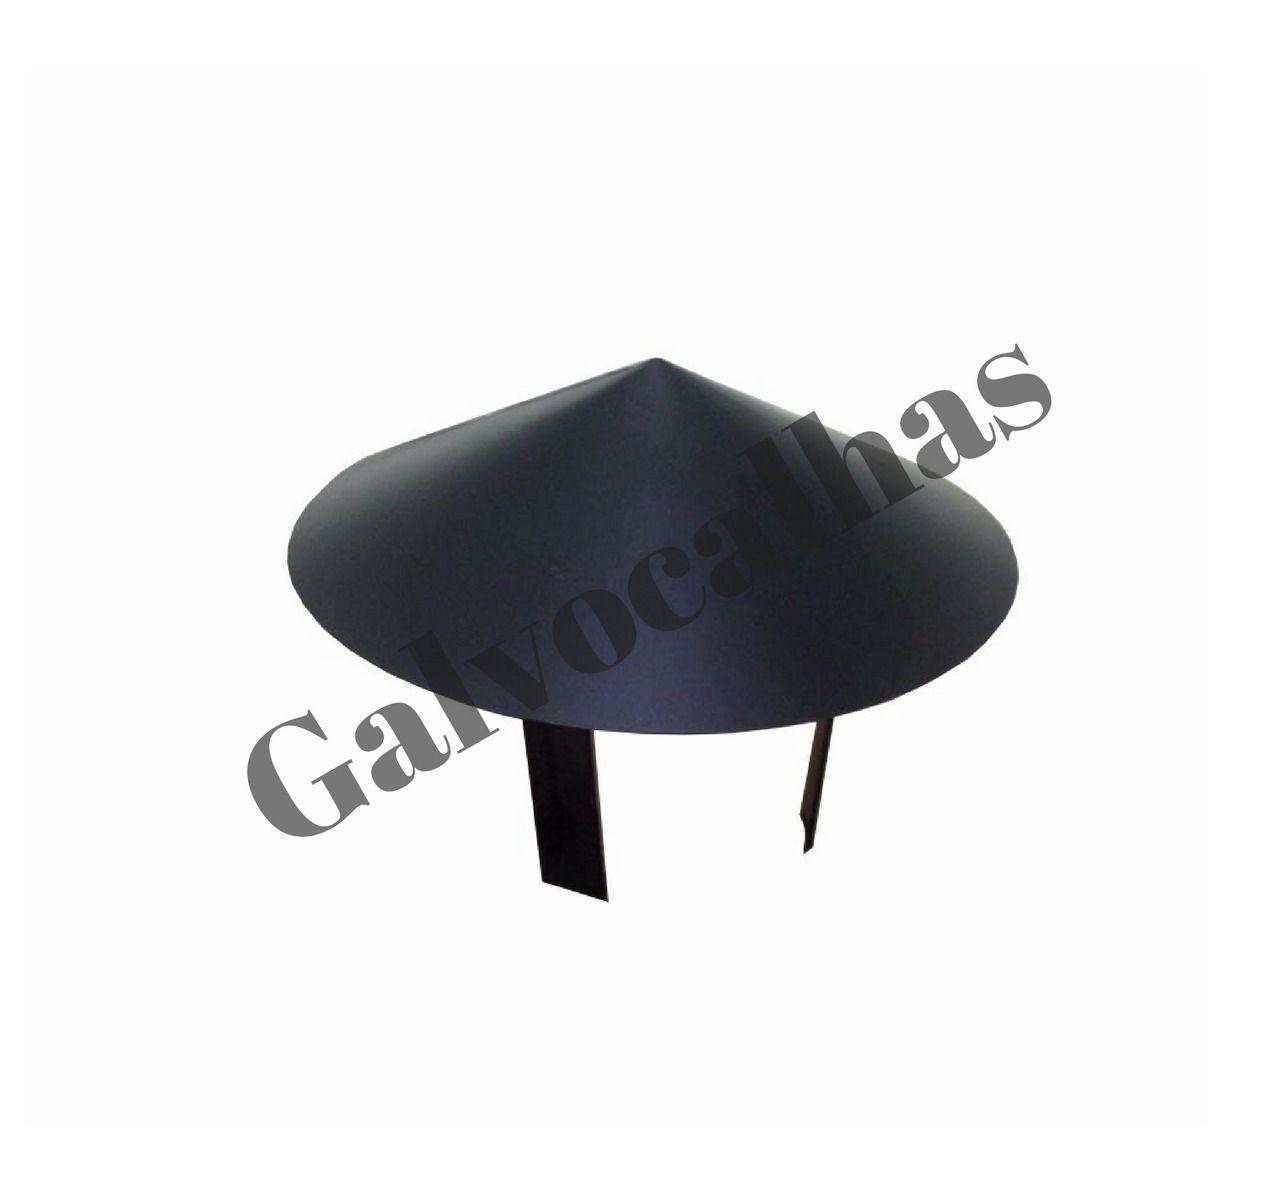 Chaminé preta com chapéu chinês - Vários diâmetros - Consulte-nos  - Galvocalhas